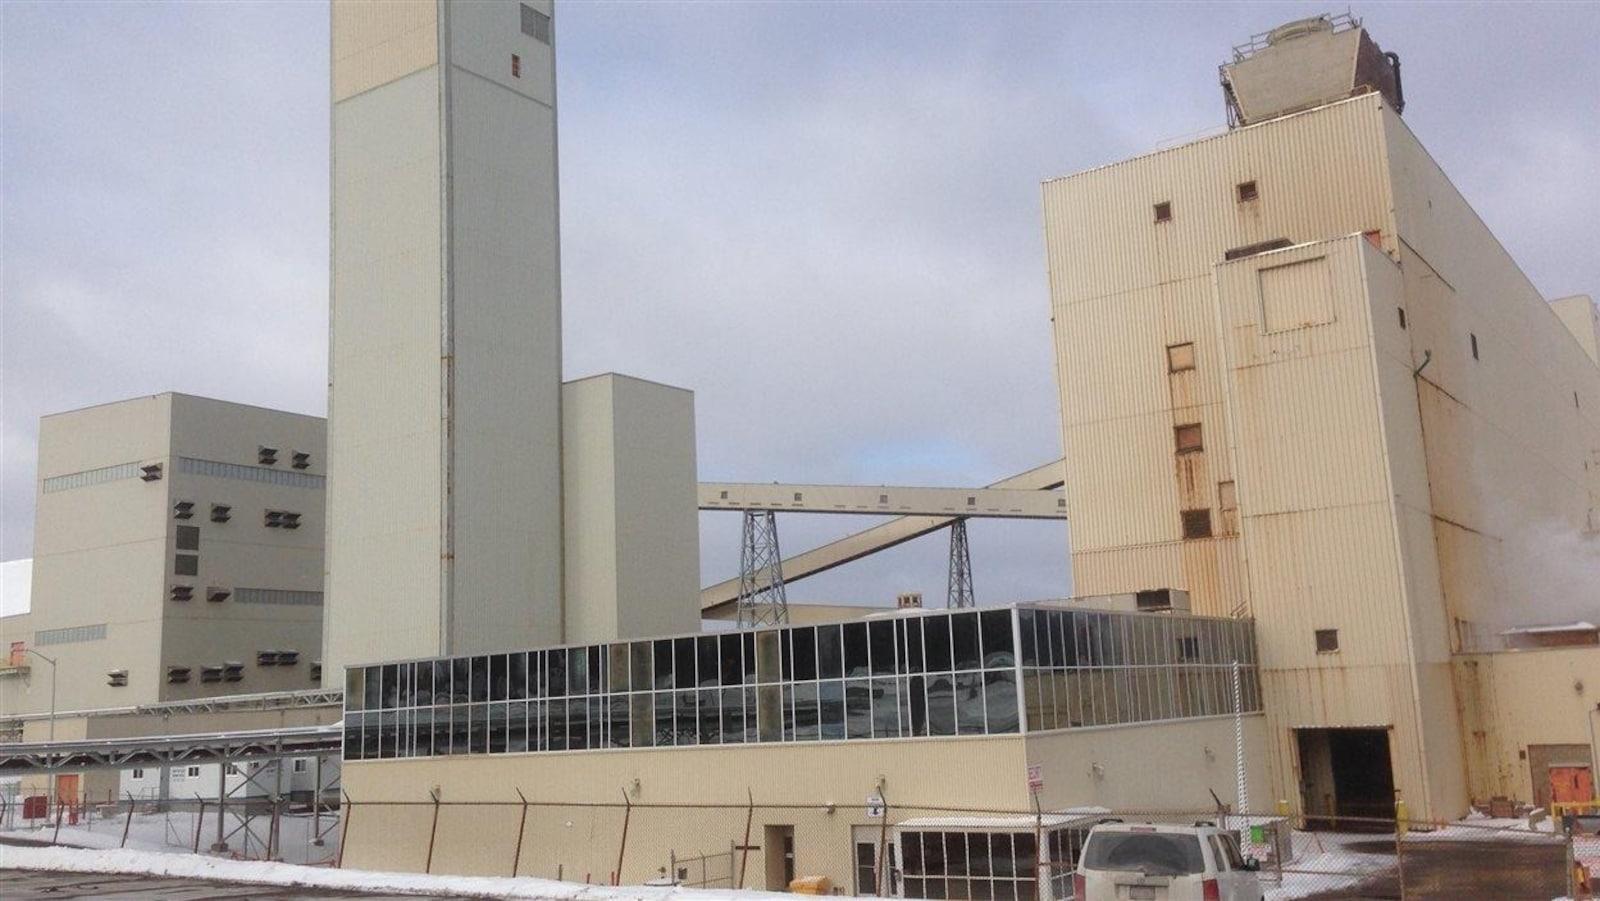 L'ancienne mine de Penobsquis qui a fermé en décembre 2015.